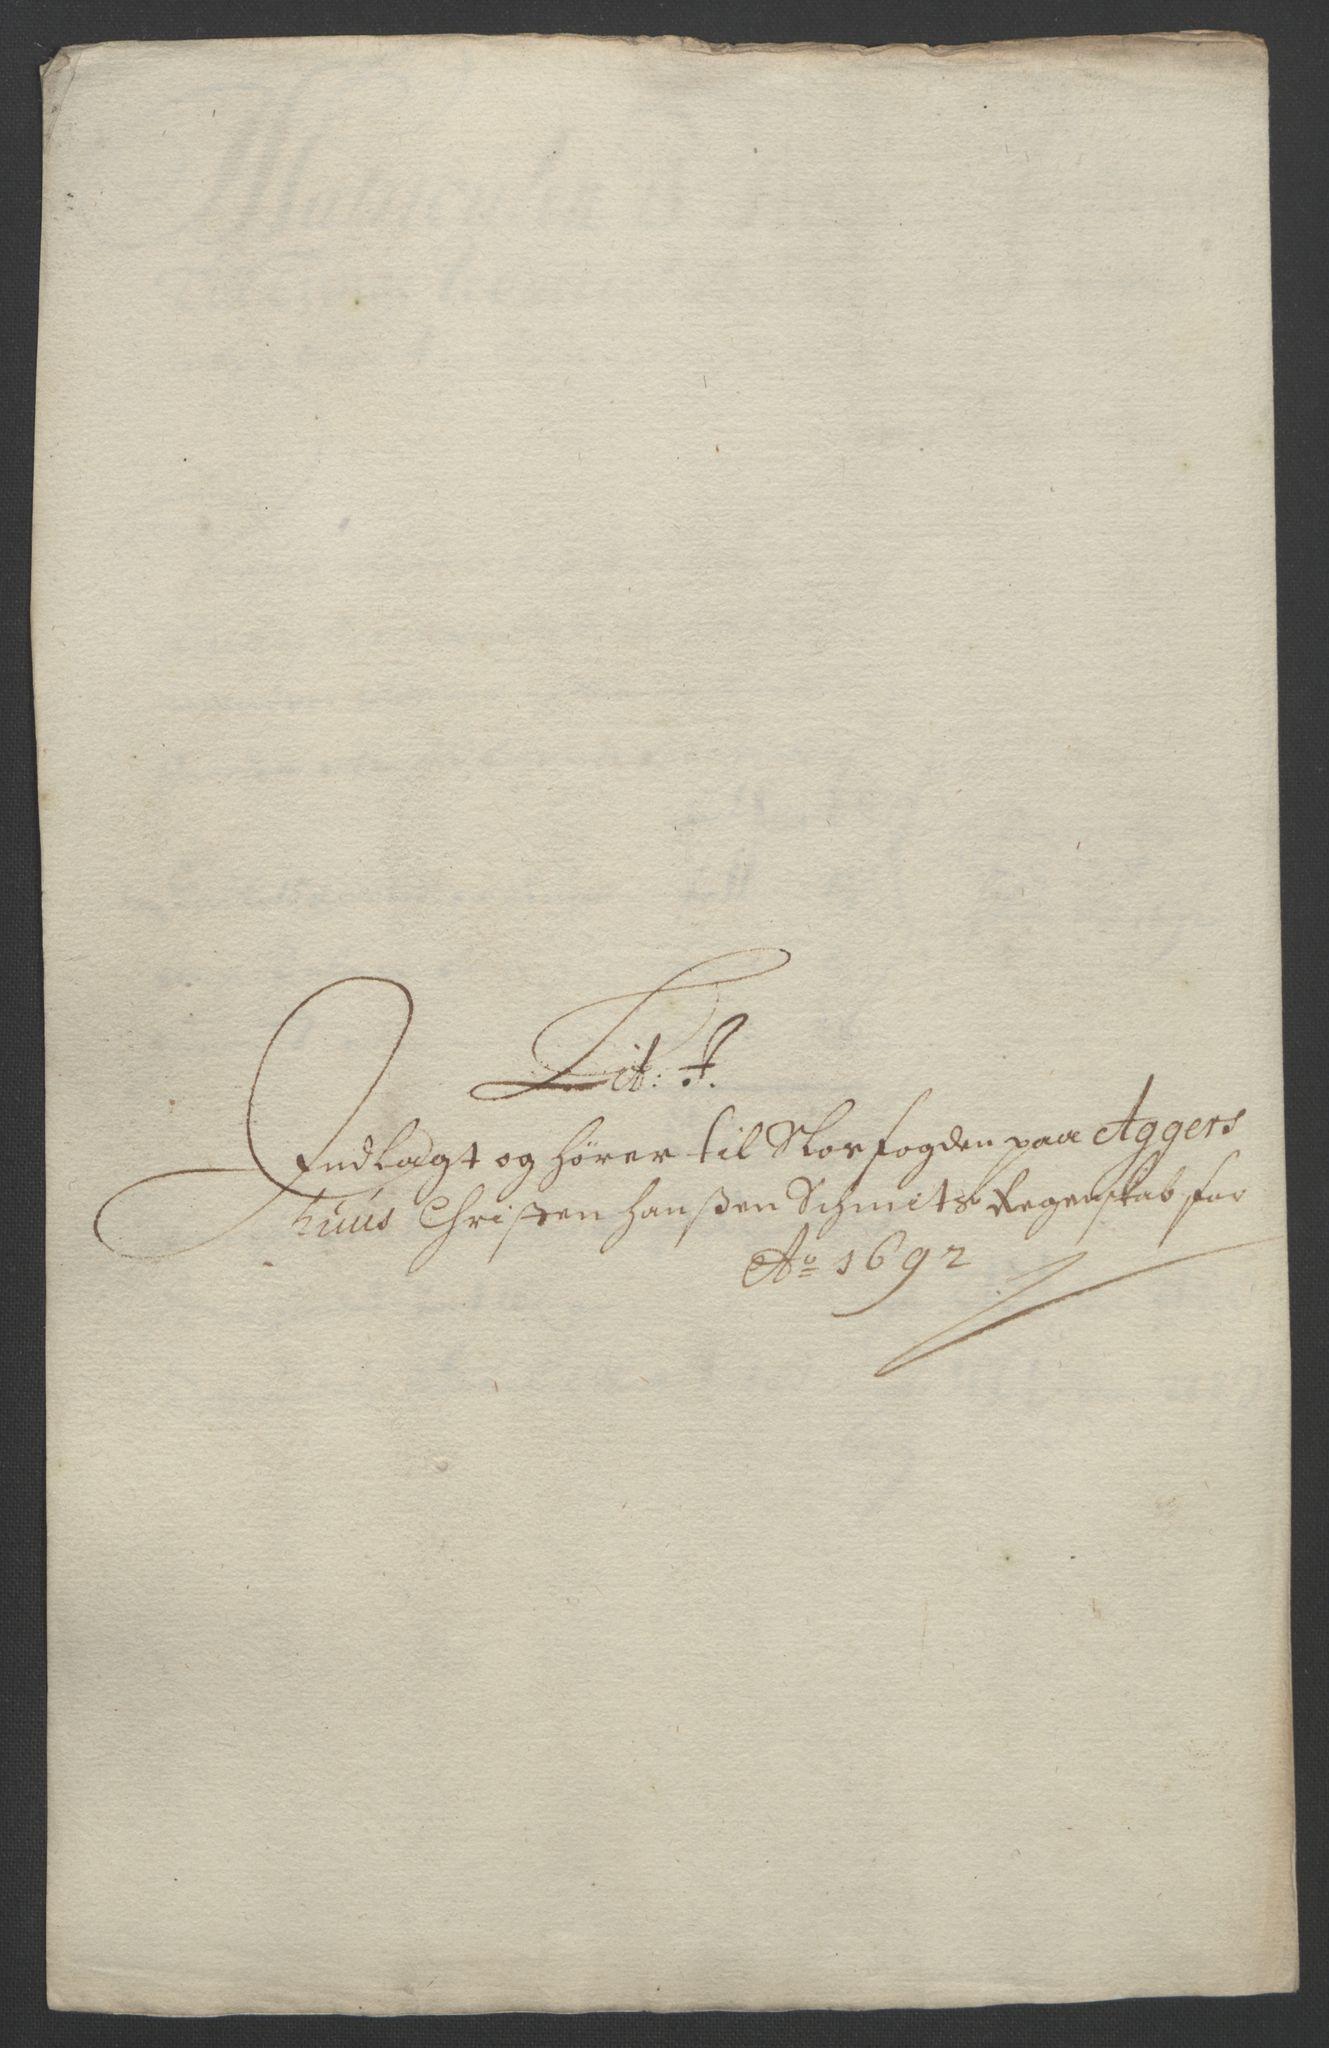 RA, Rentekammeret inntil 1814, Reviderte regnskaper, Fogderegnskap, R08/L0426: Fogderegnskap Aker, 1692-1693, s. 99